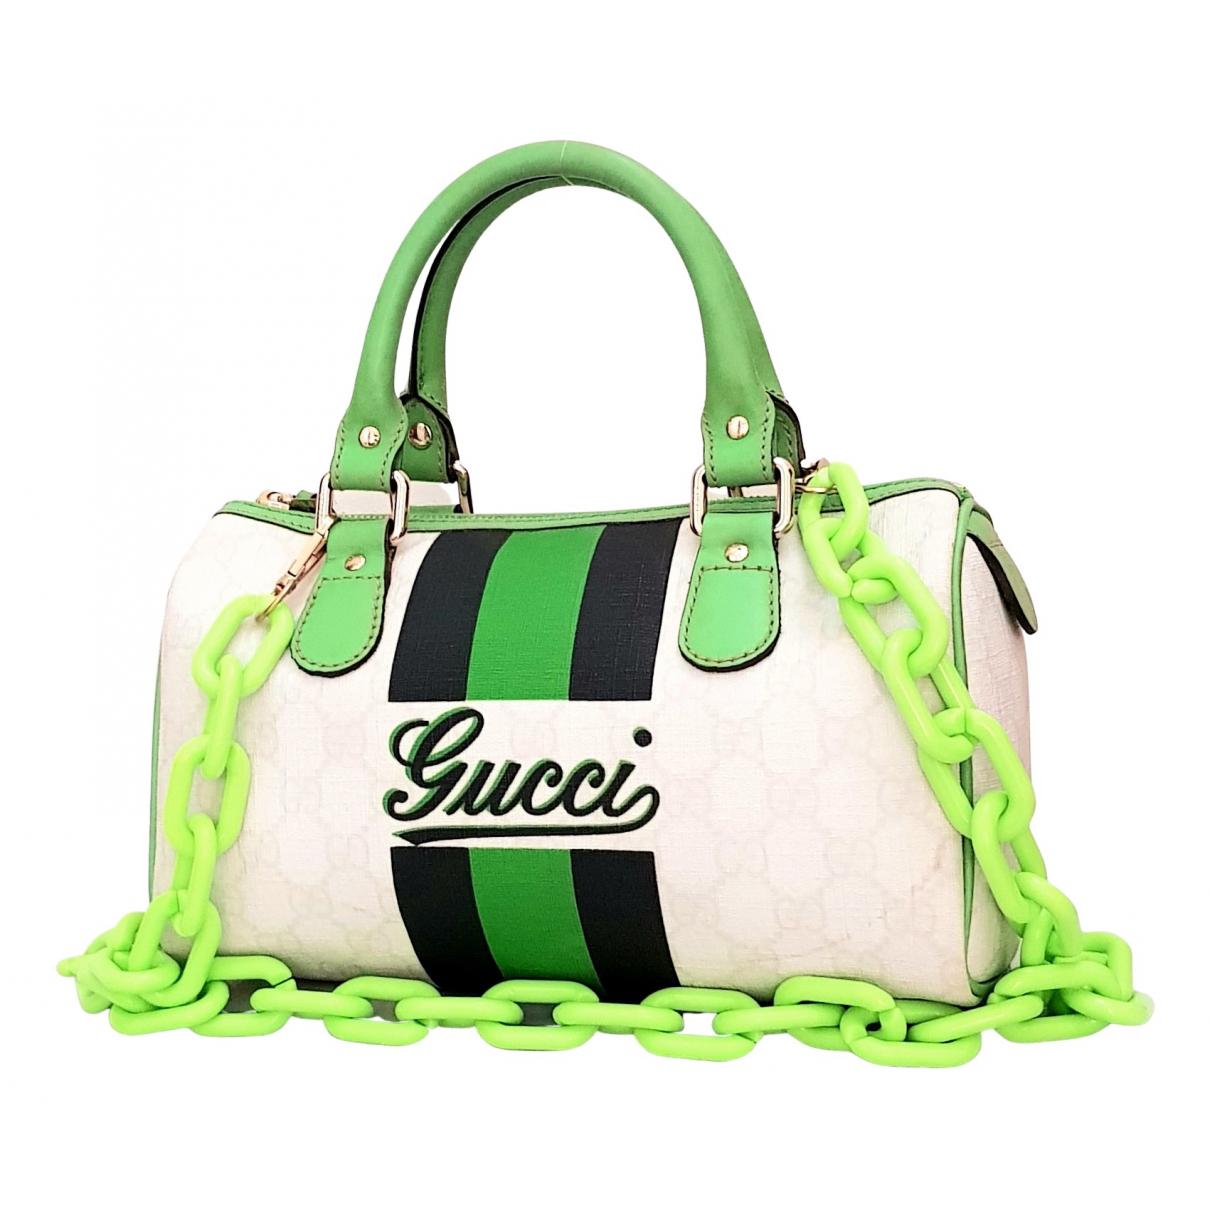 Gucci - Sac a main   pour femme en toile - multicolore